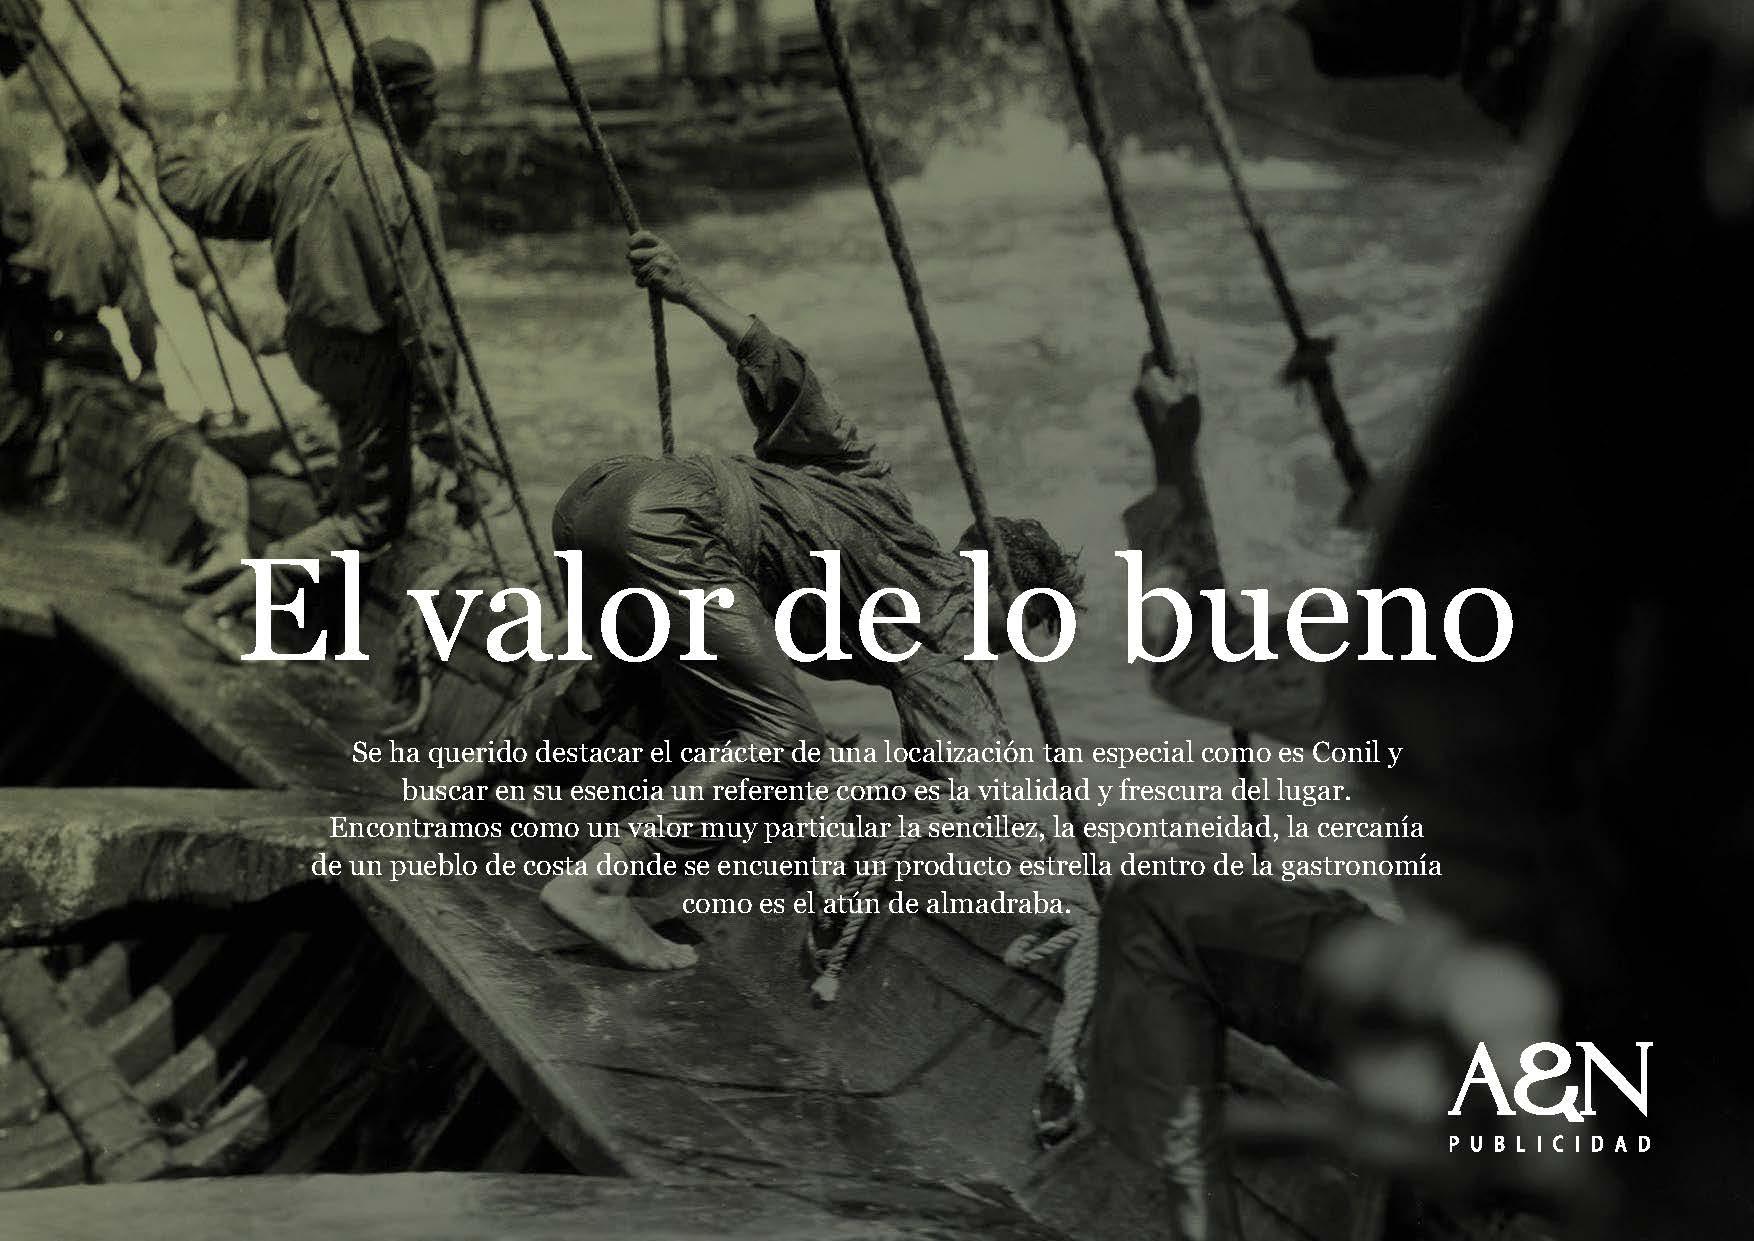 Diseño y contratación de campaña en Ave y Metro Madrid by Anpublicidad